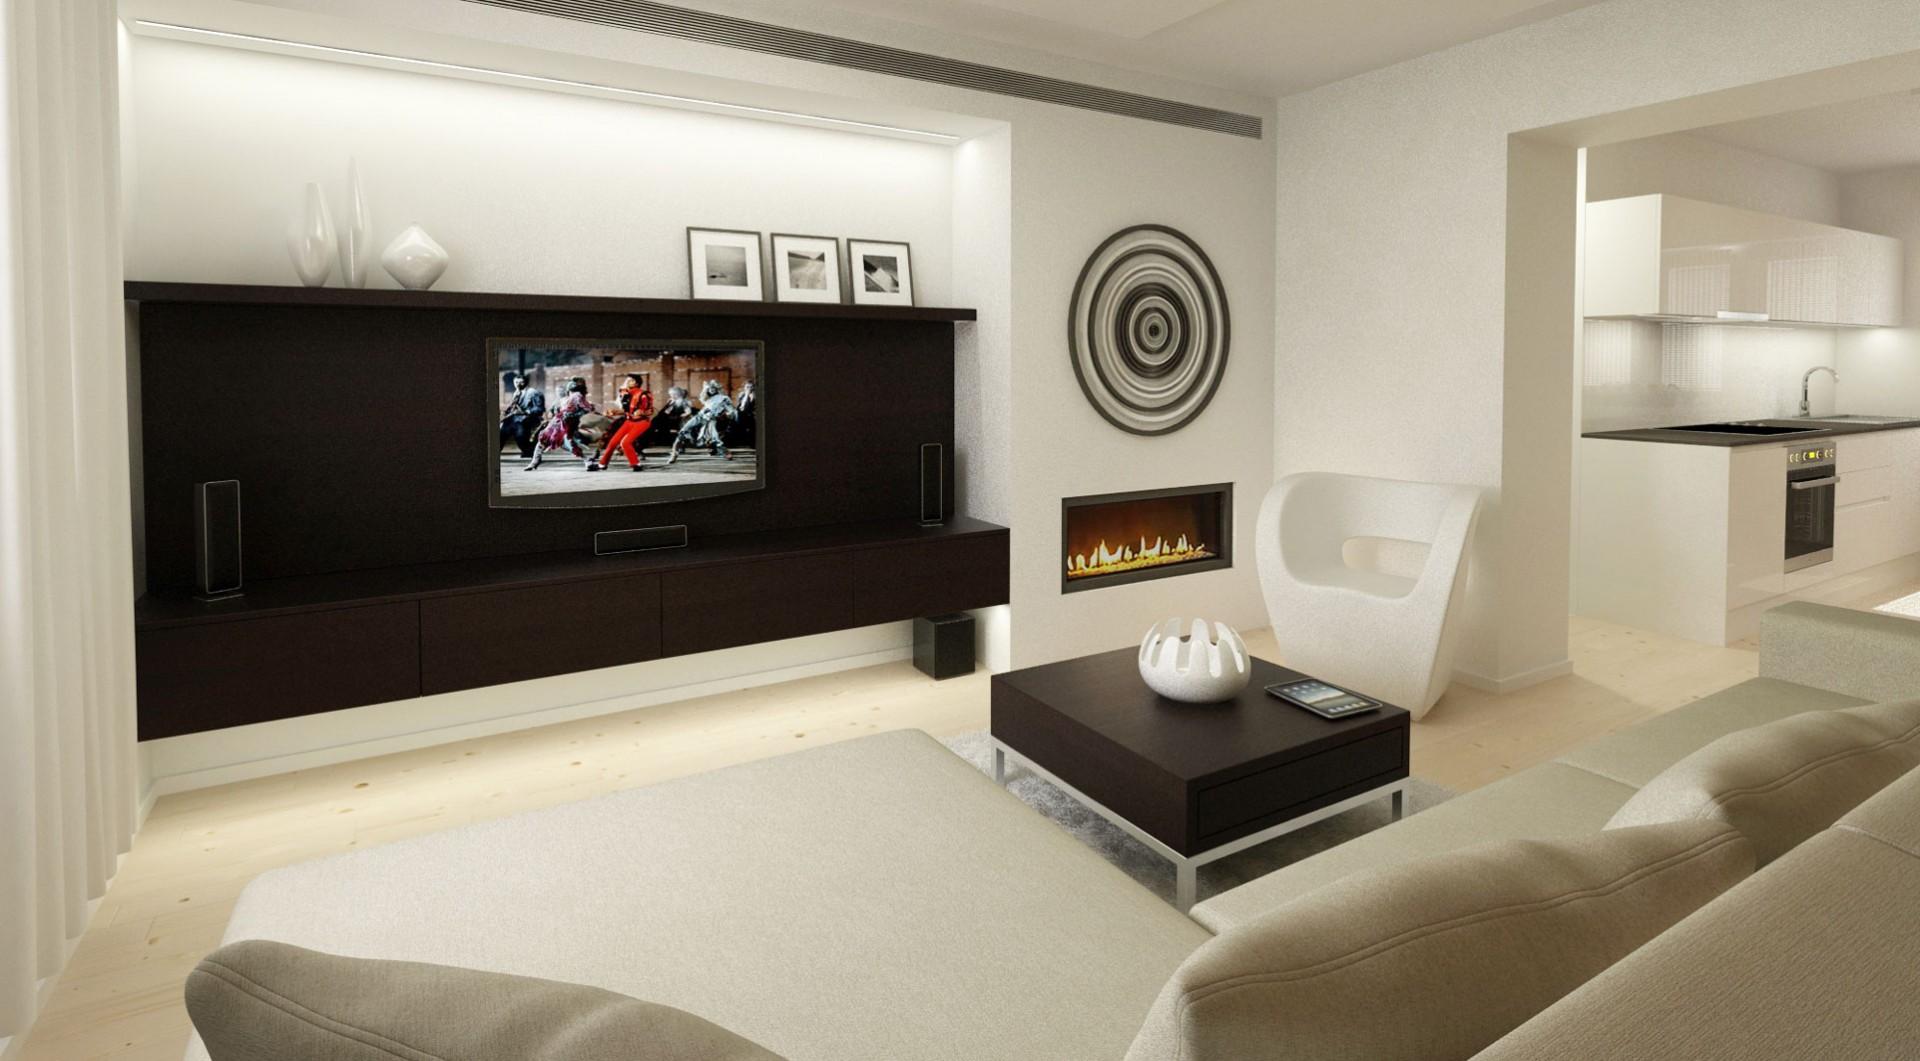 návrh interiéru bytu - obývačka s biokrbom